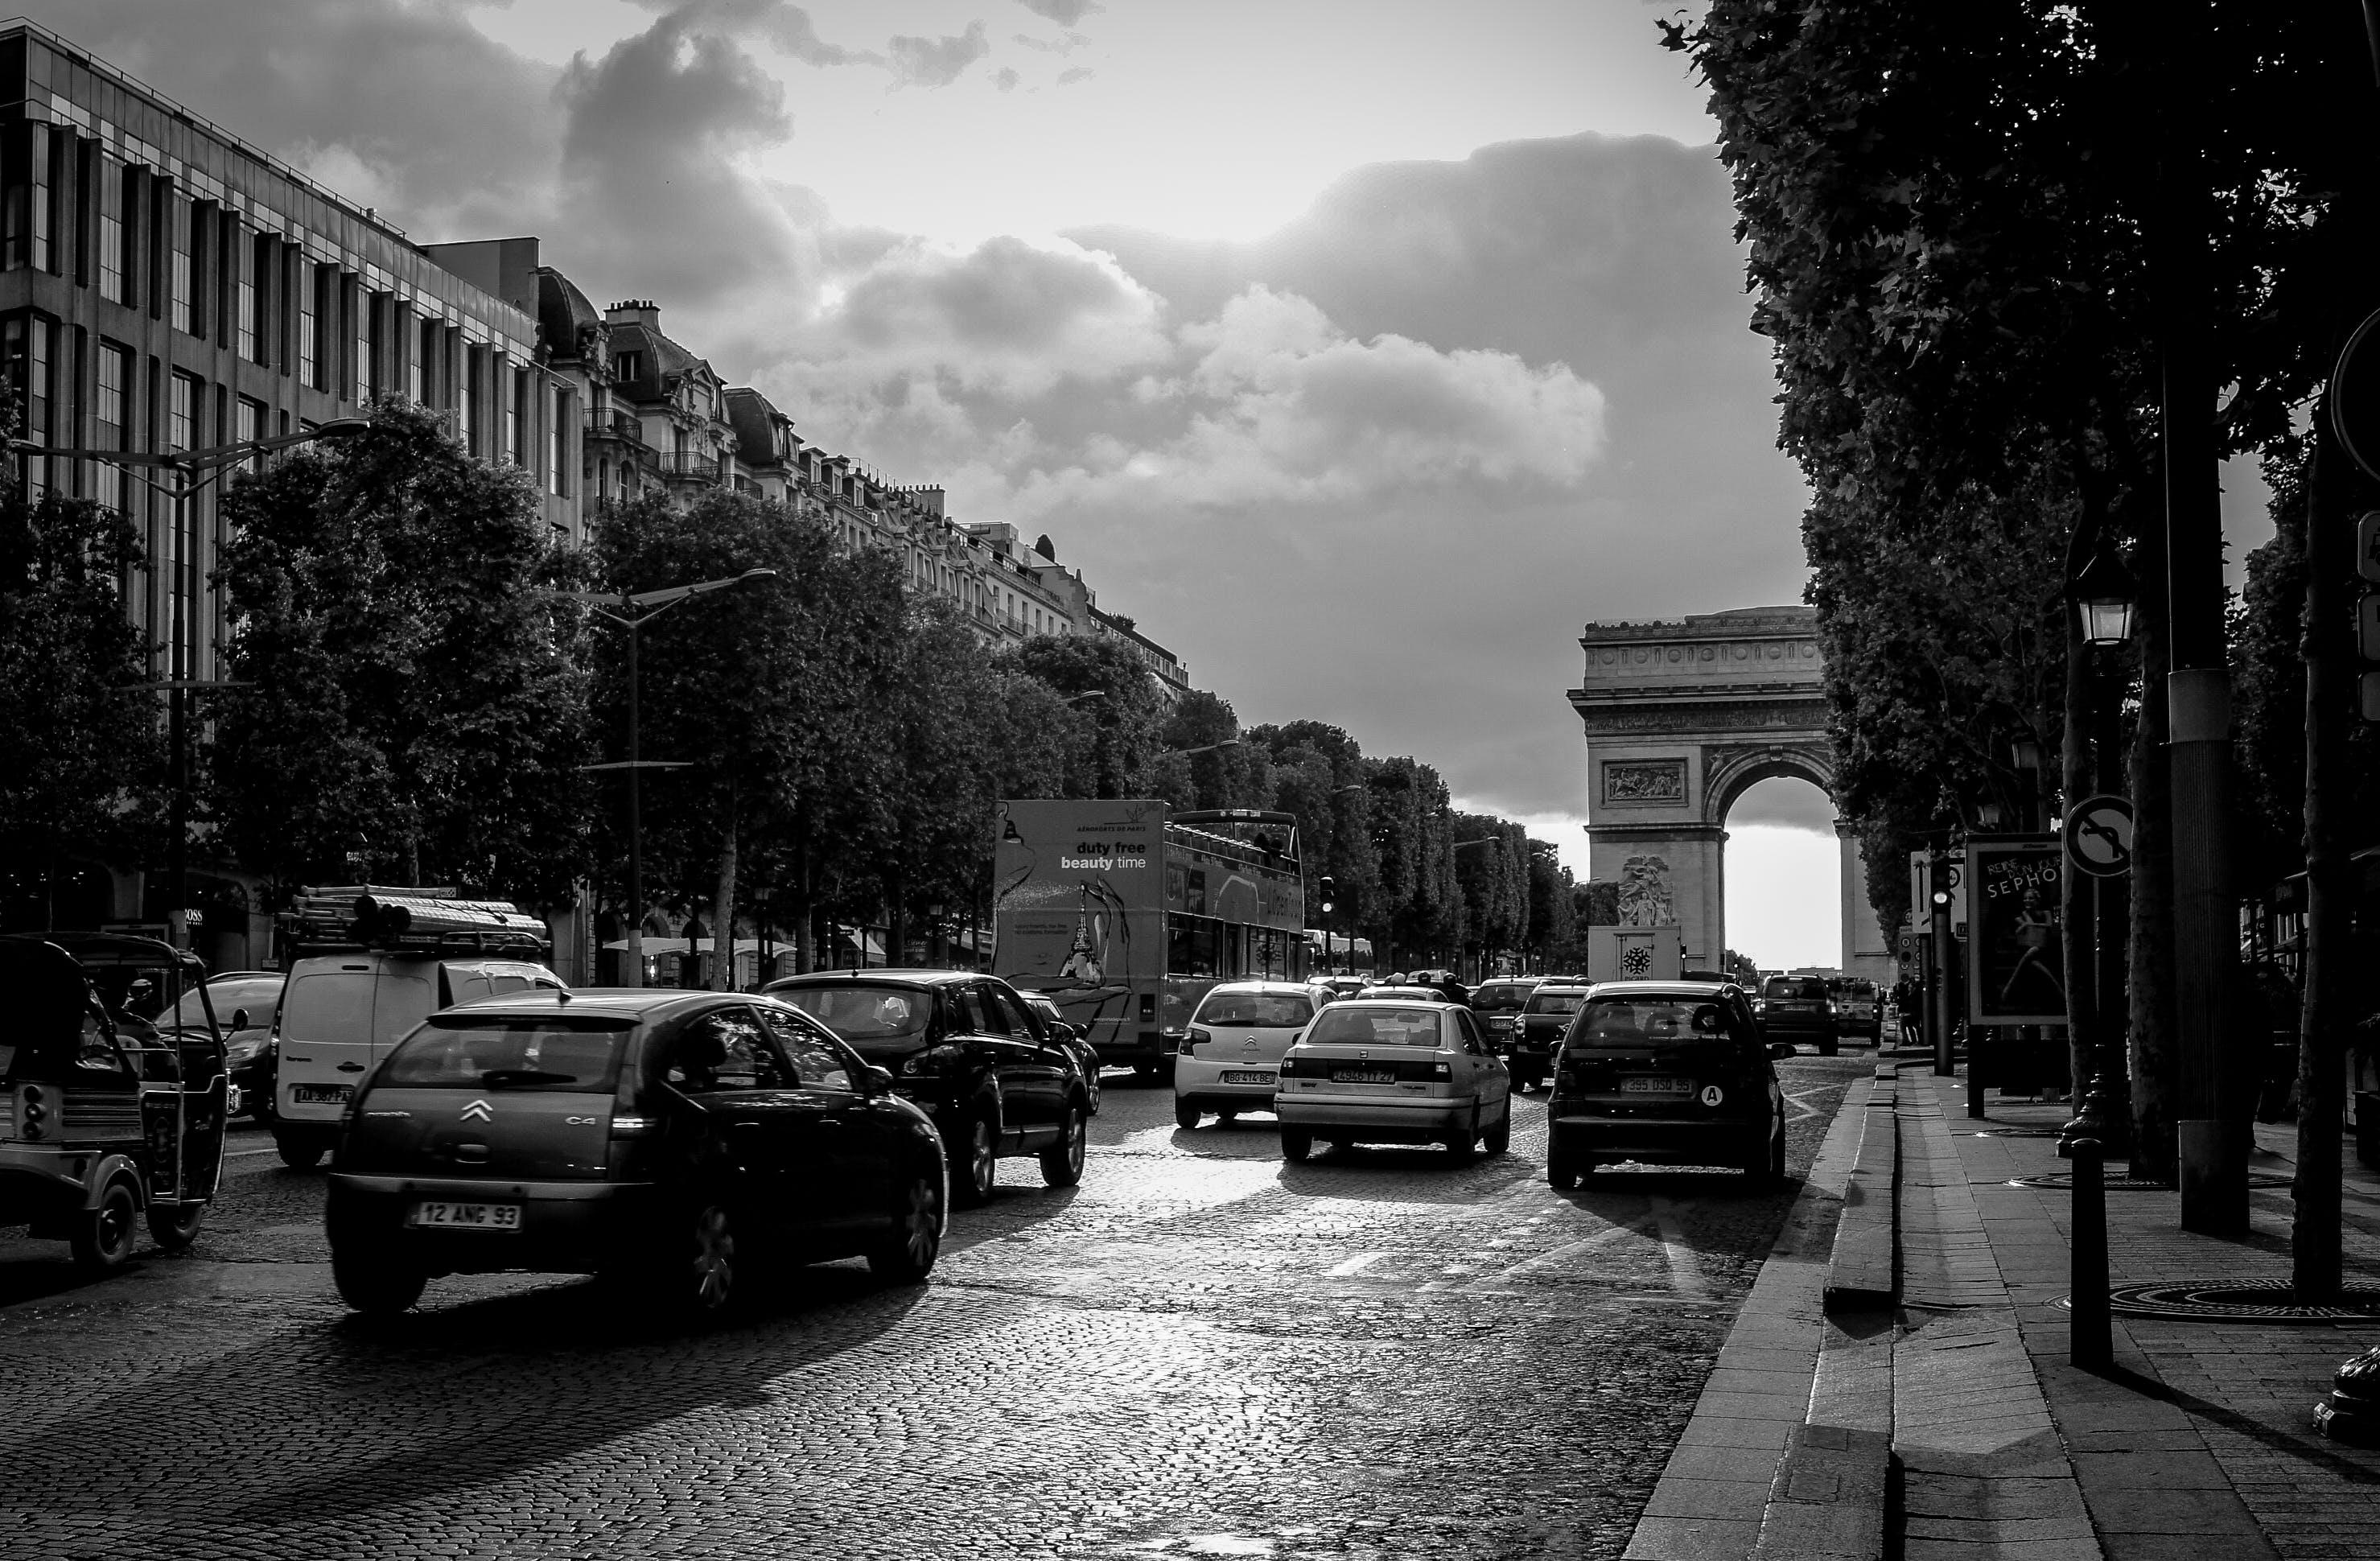 Kostnadsfri bild av arkitektur, bilar, byggnader, dagsljus